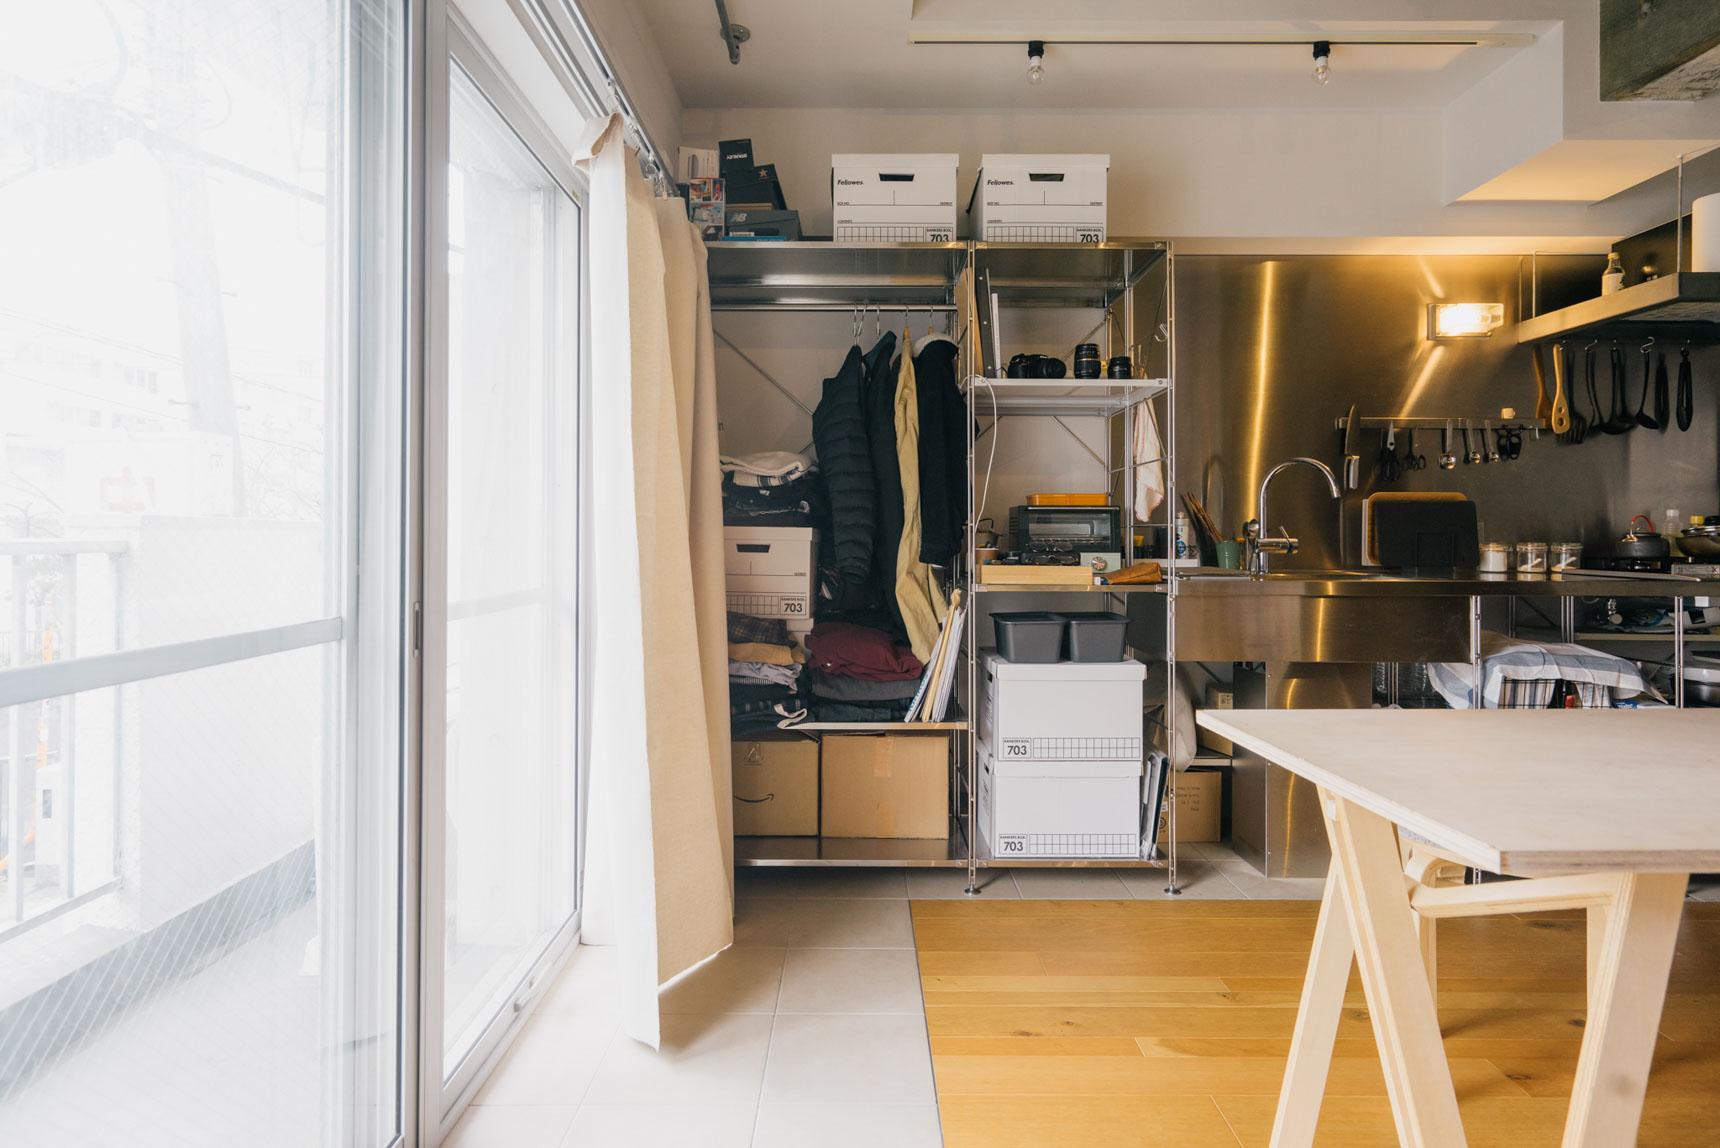 こちらはお部屋備え付けのものだったとのことですが、「ワードローブバー」を取り付ければ、クローゼットとしても使えます。(このお部屋はこちら)